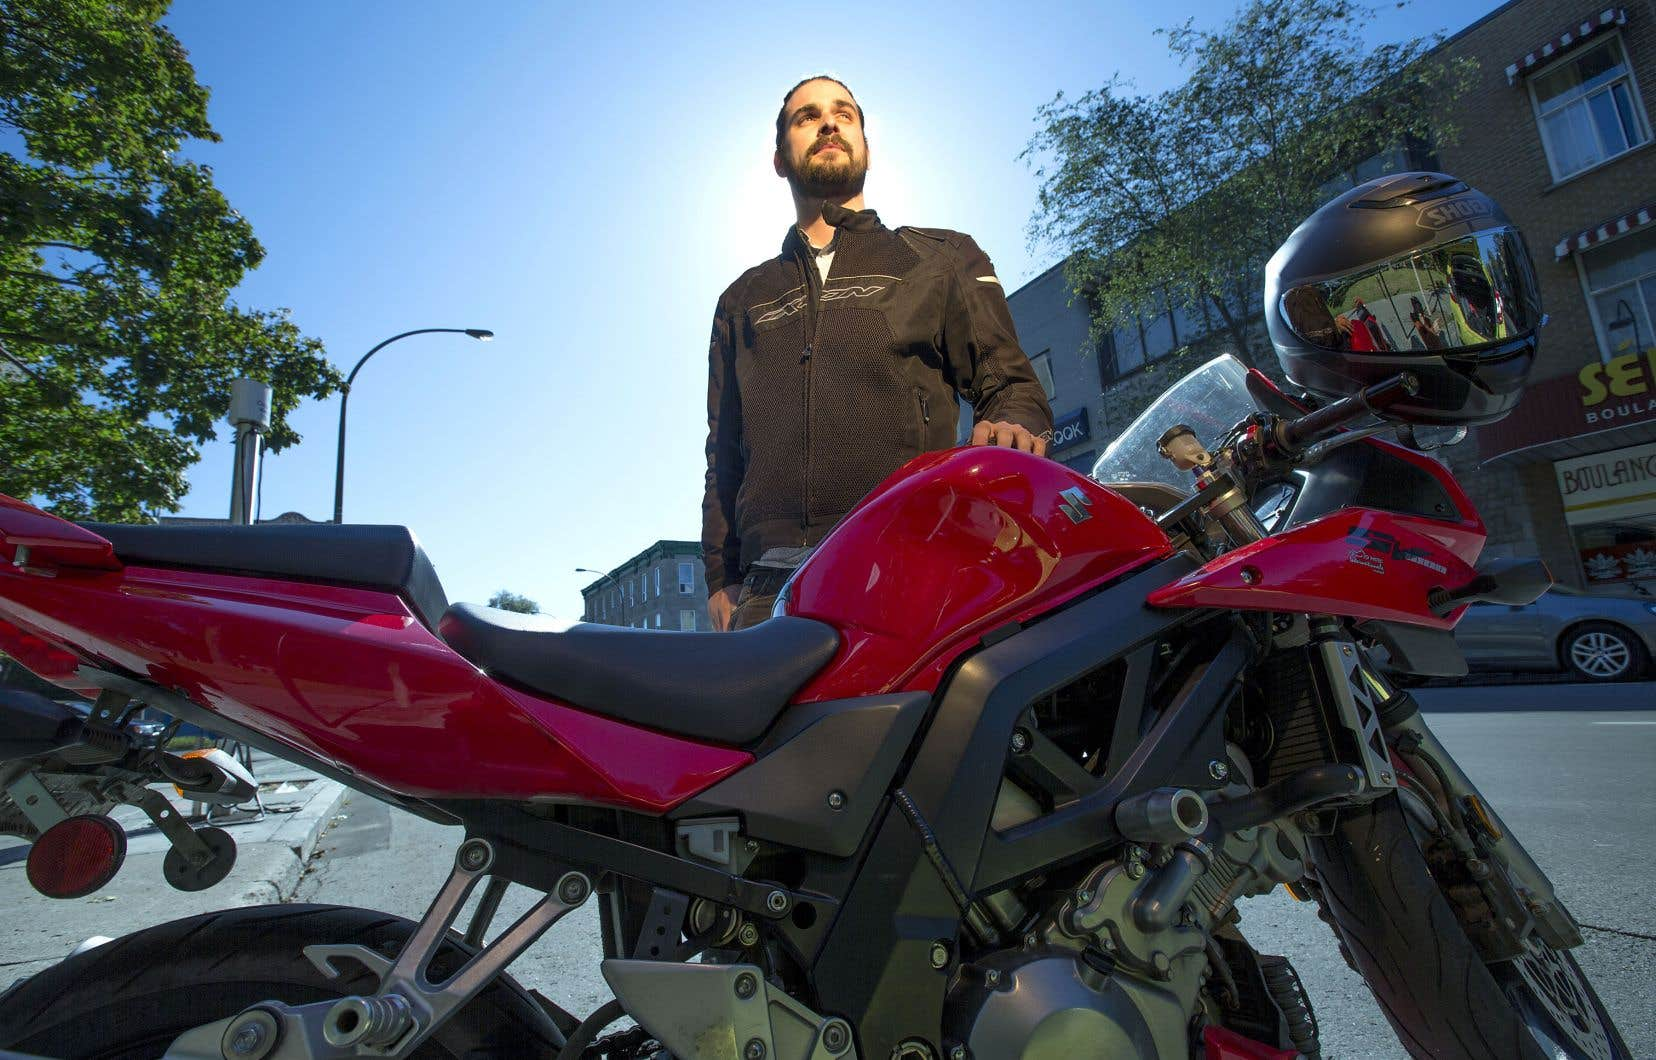 À court terme, l'entreprise RideMetry, cofondée par Marc-André Larin, vise les quelque 175000 motocyclistes québécois.